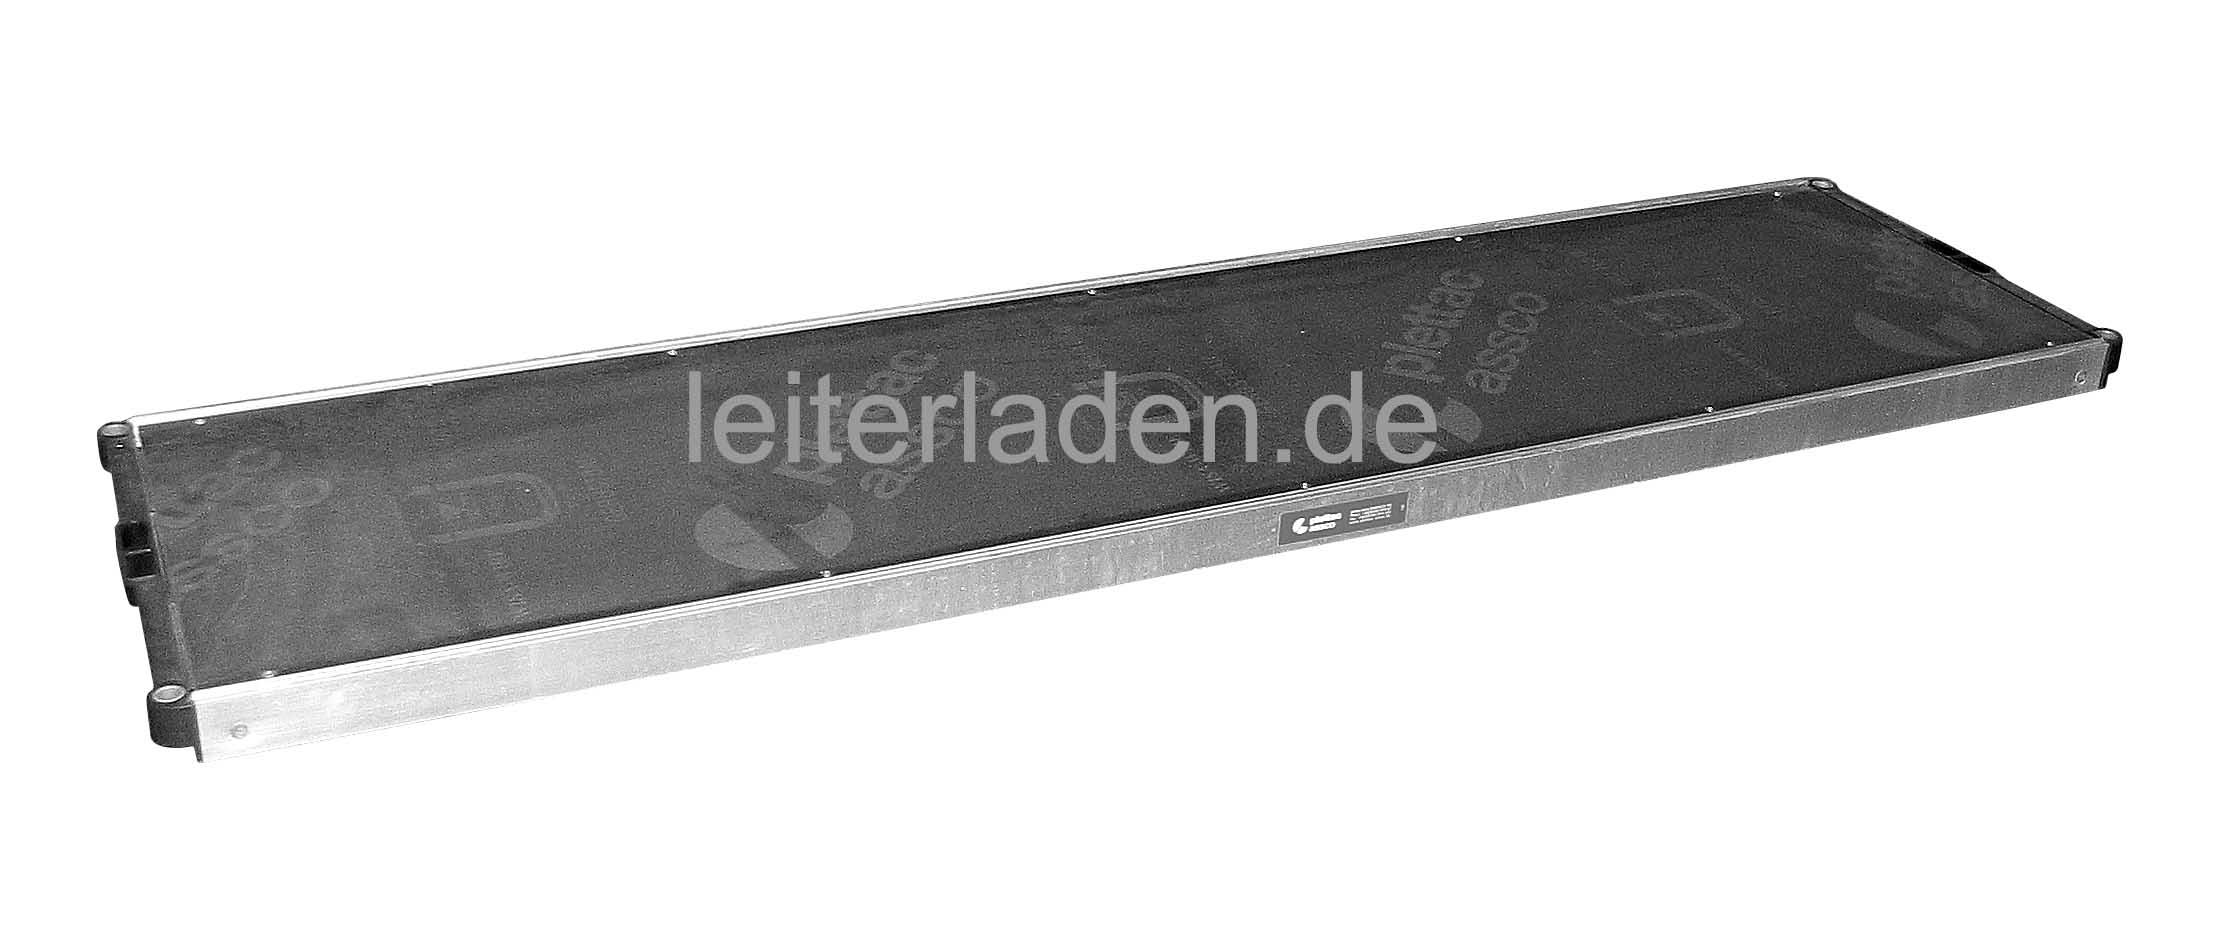 plettac Alu-Rahmentafel SL Auflage mit Sperrholzbelag